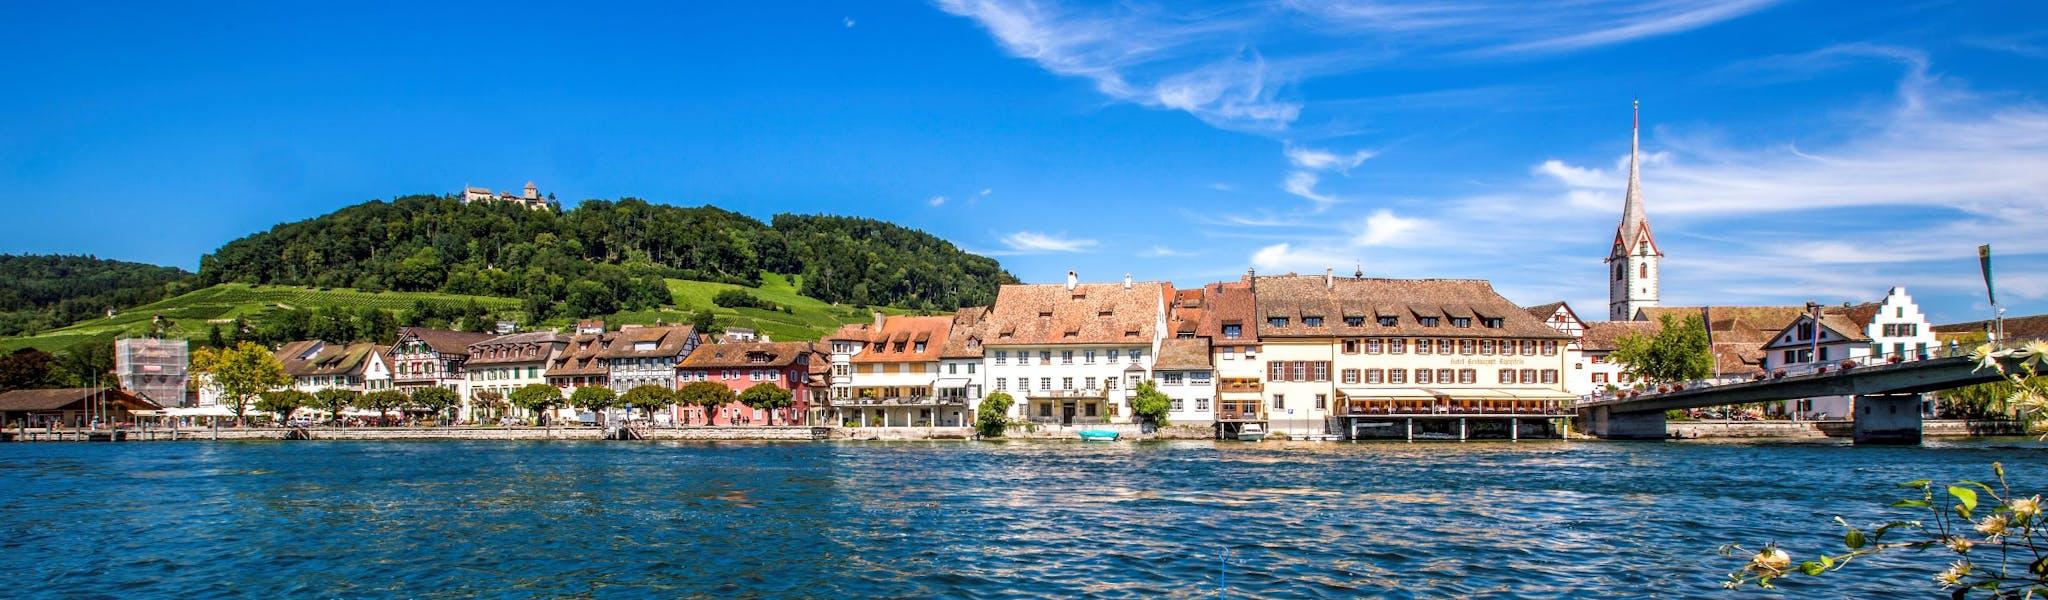 Stein am Rhein Bodensee